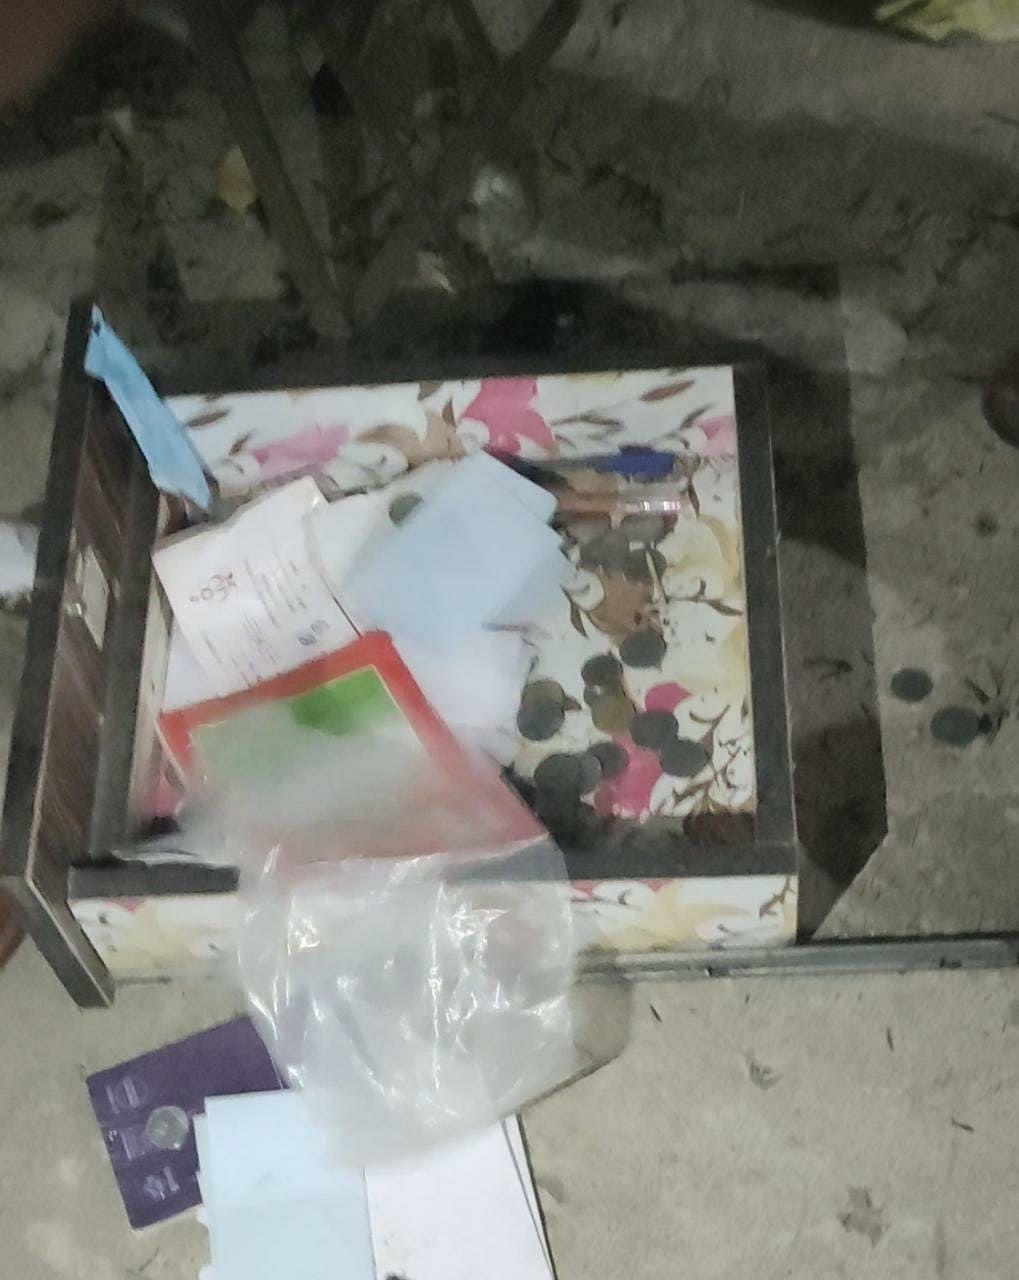 रायपुर : बेटी की शादी में व्यस्त कारोबारी के फर्नीचर शोरूम में चोरो ने उड़ाए नकदी व ज़ेवर